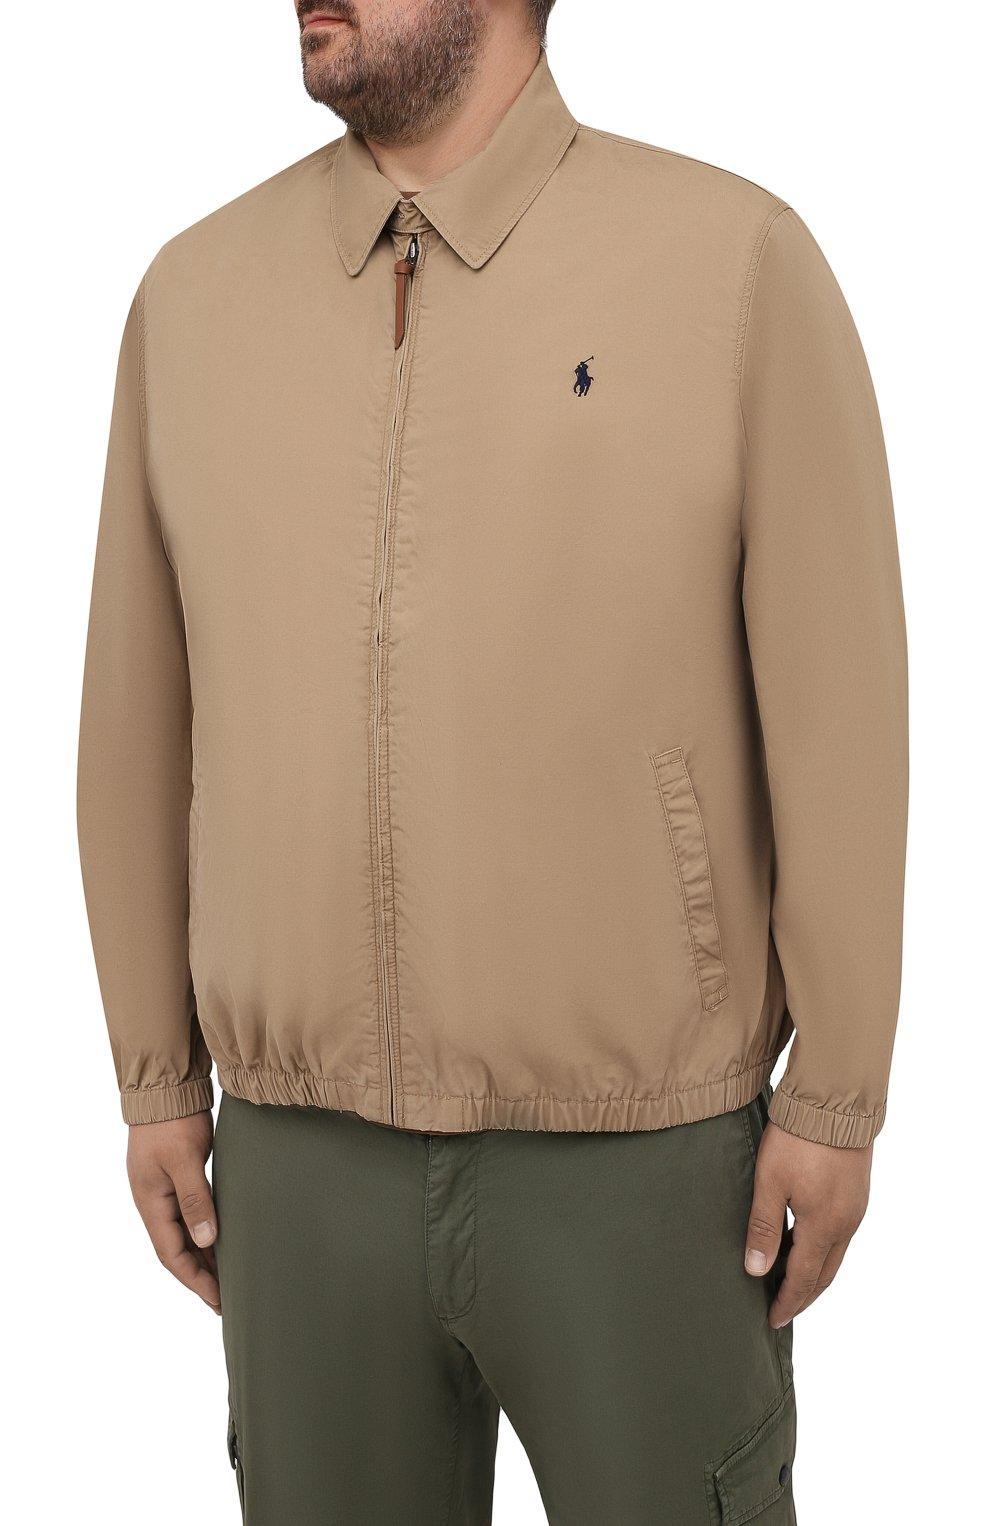 Мужской хлопковый бомбер POLO RALPH LAUREN бежевого цвета, арт. 711704084/PRL BS | Фото 3 (Кросс-КТ: Куртка; Big sizes: Big Sizes; Рукава: Длинные; Принт: Без принта; Материал внешний: Хлопок; Длина (верхняя одежда): Короткие; Стили: Кэжуэл)